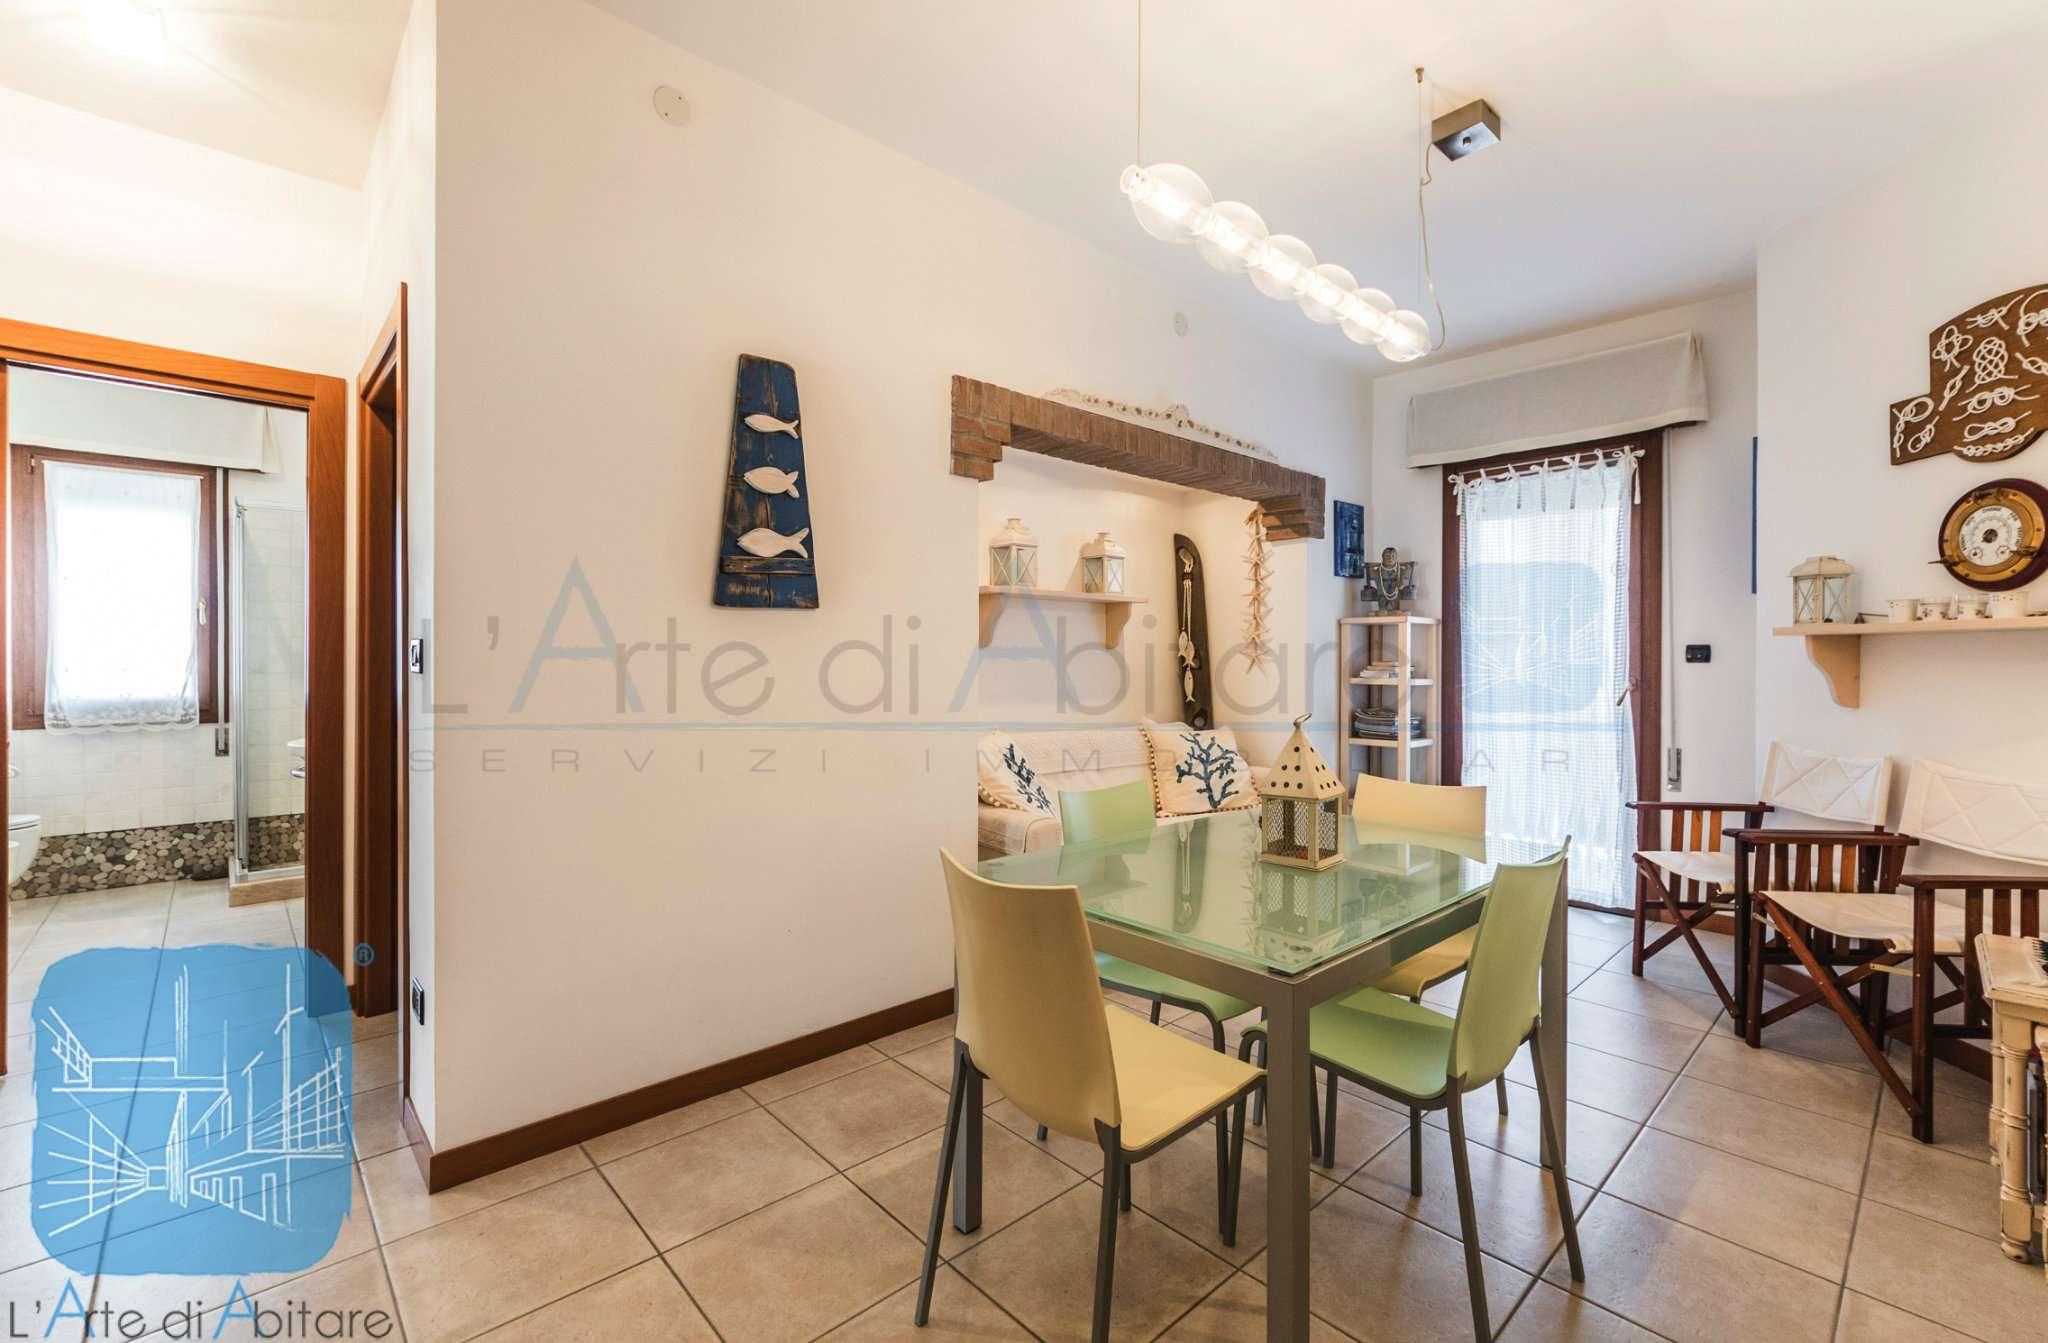 Appartamento ristrutturato parzialmente arredato in vendita Rif. 9046286